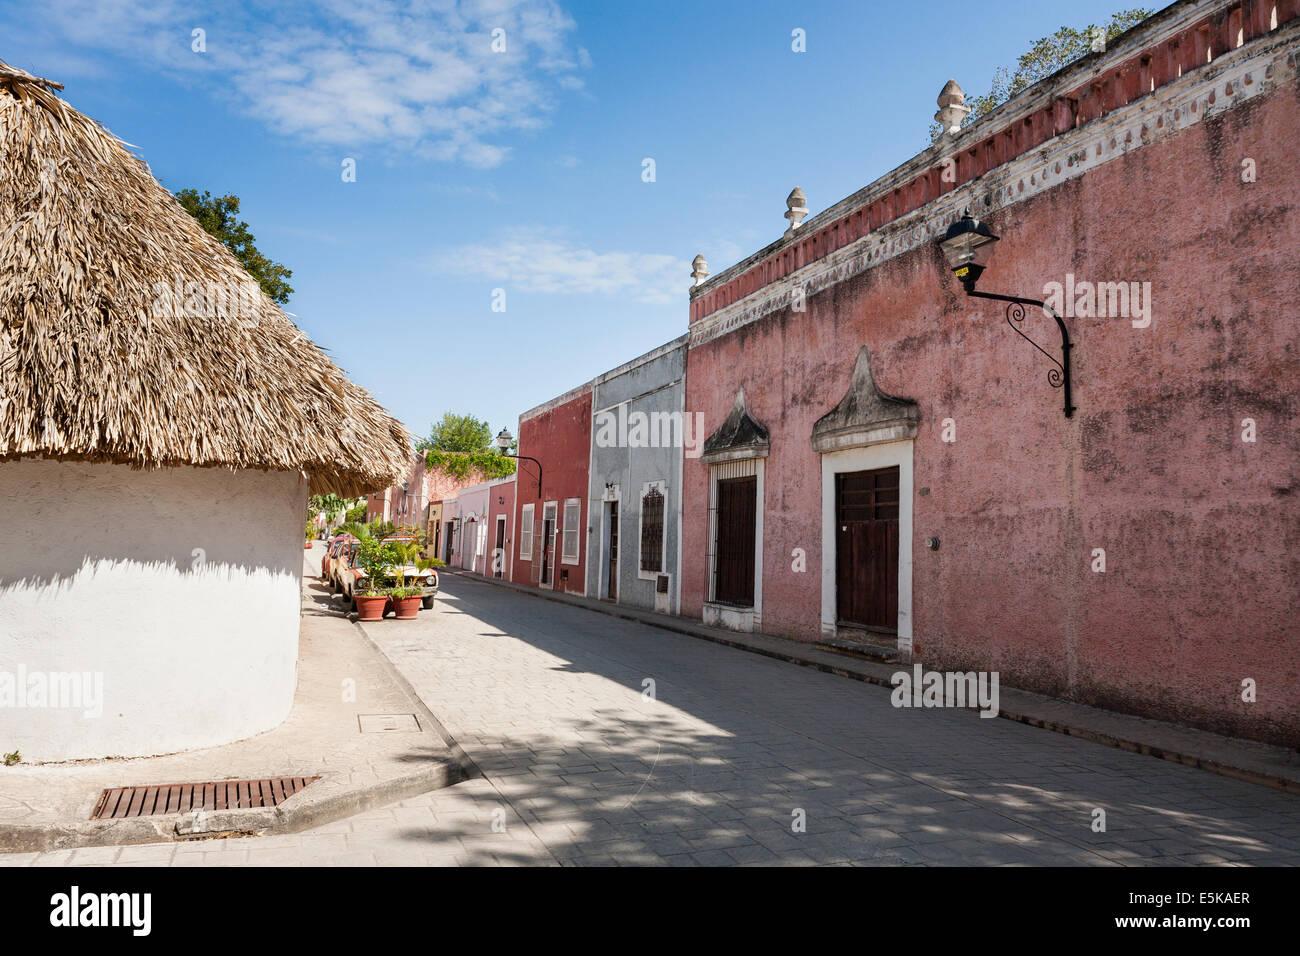 Rue tranquille de Valladolid. Un dimanche après-midi calme sur les rues pavées, près de l'hotel. Photo Stock